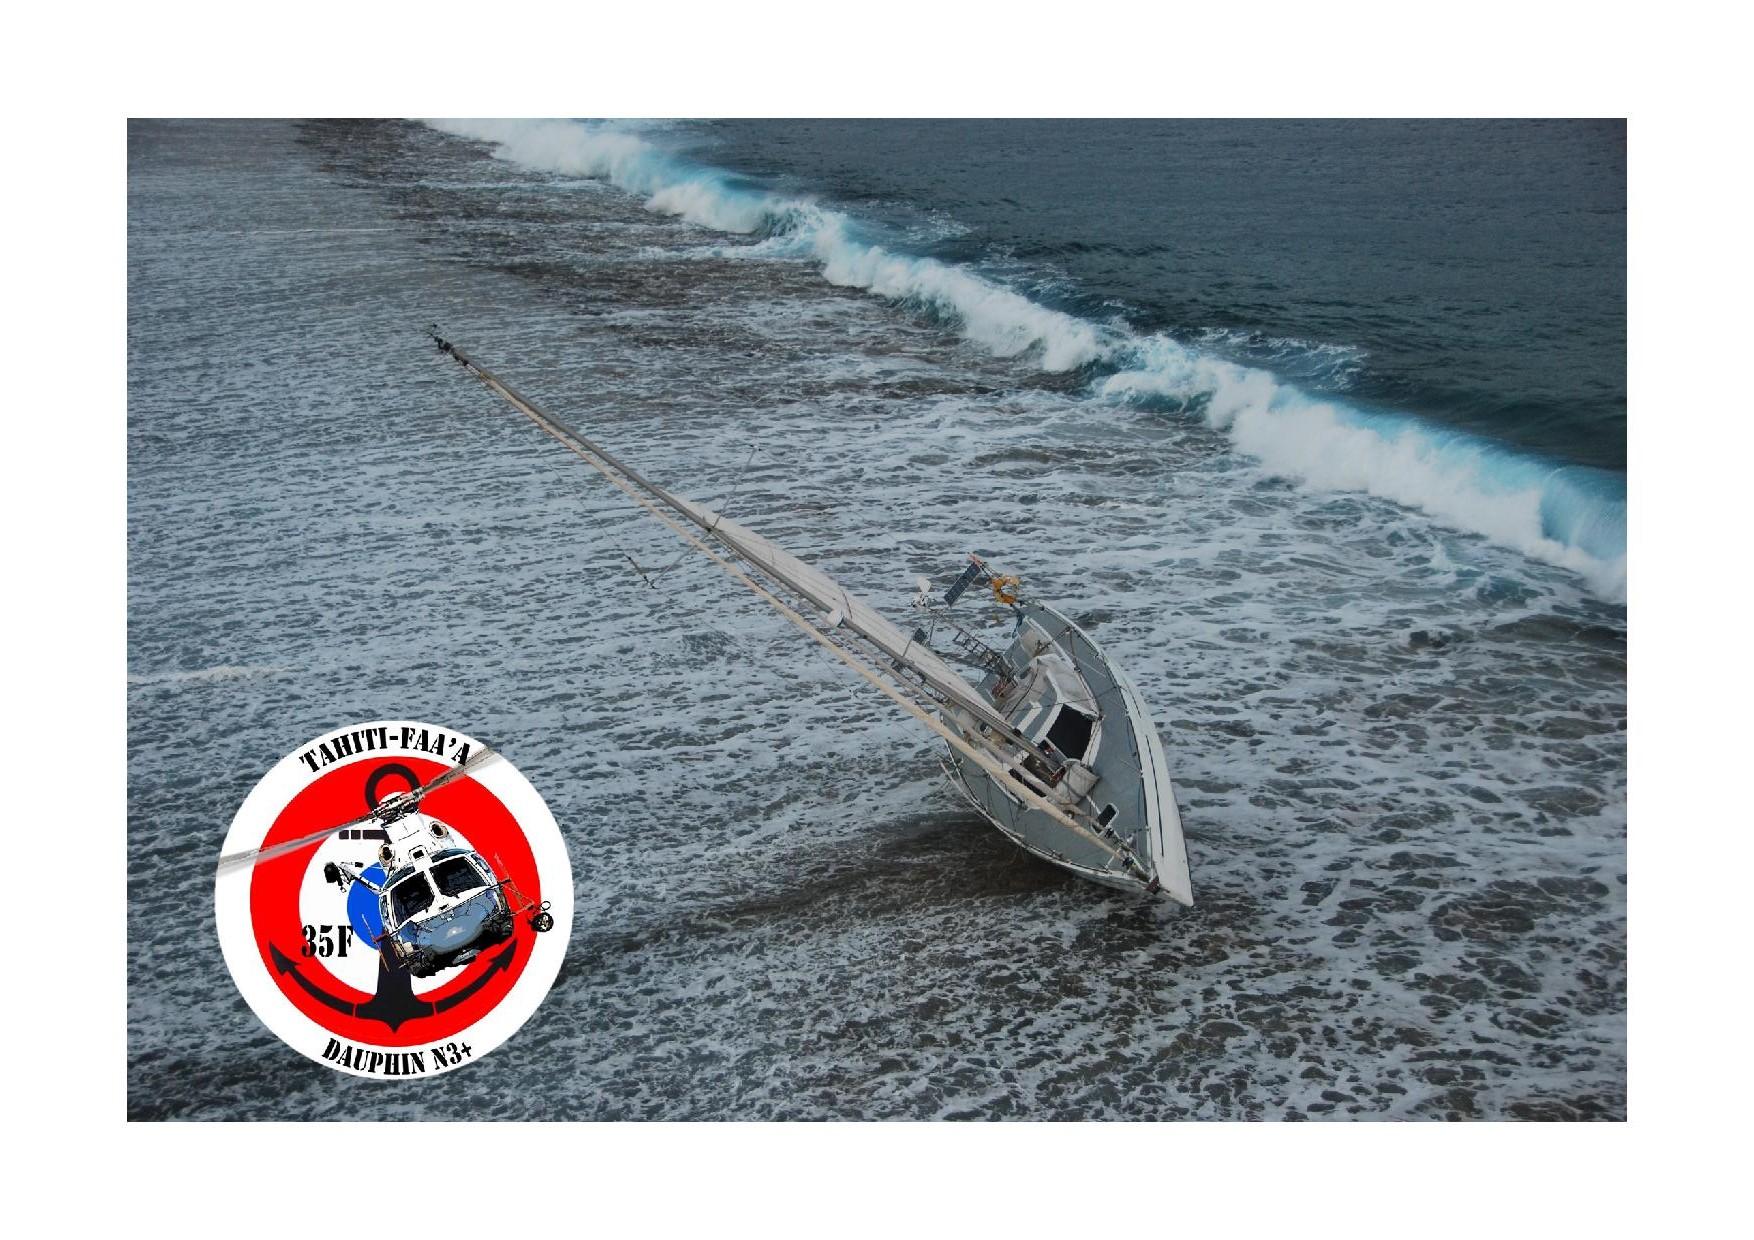 Un voilier s'échoue à Taha'a, un homme de 70 ans sauvé par hélitreuillage